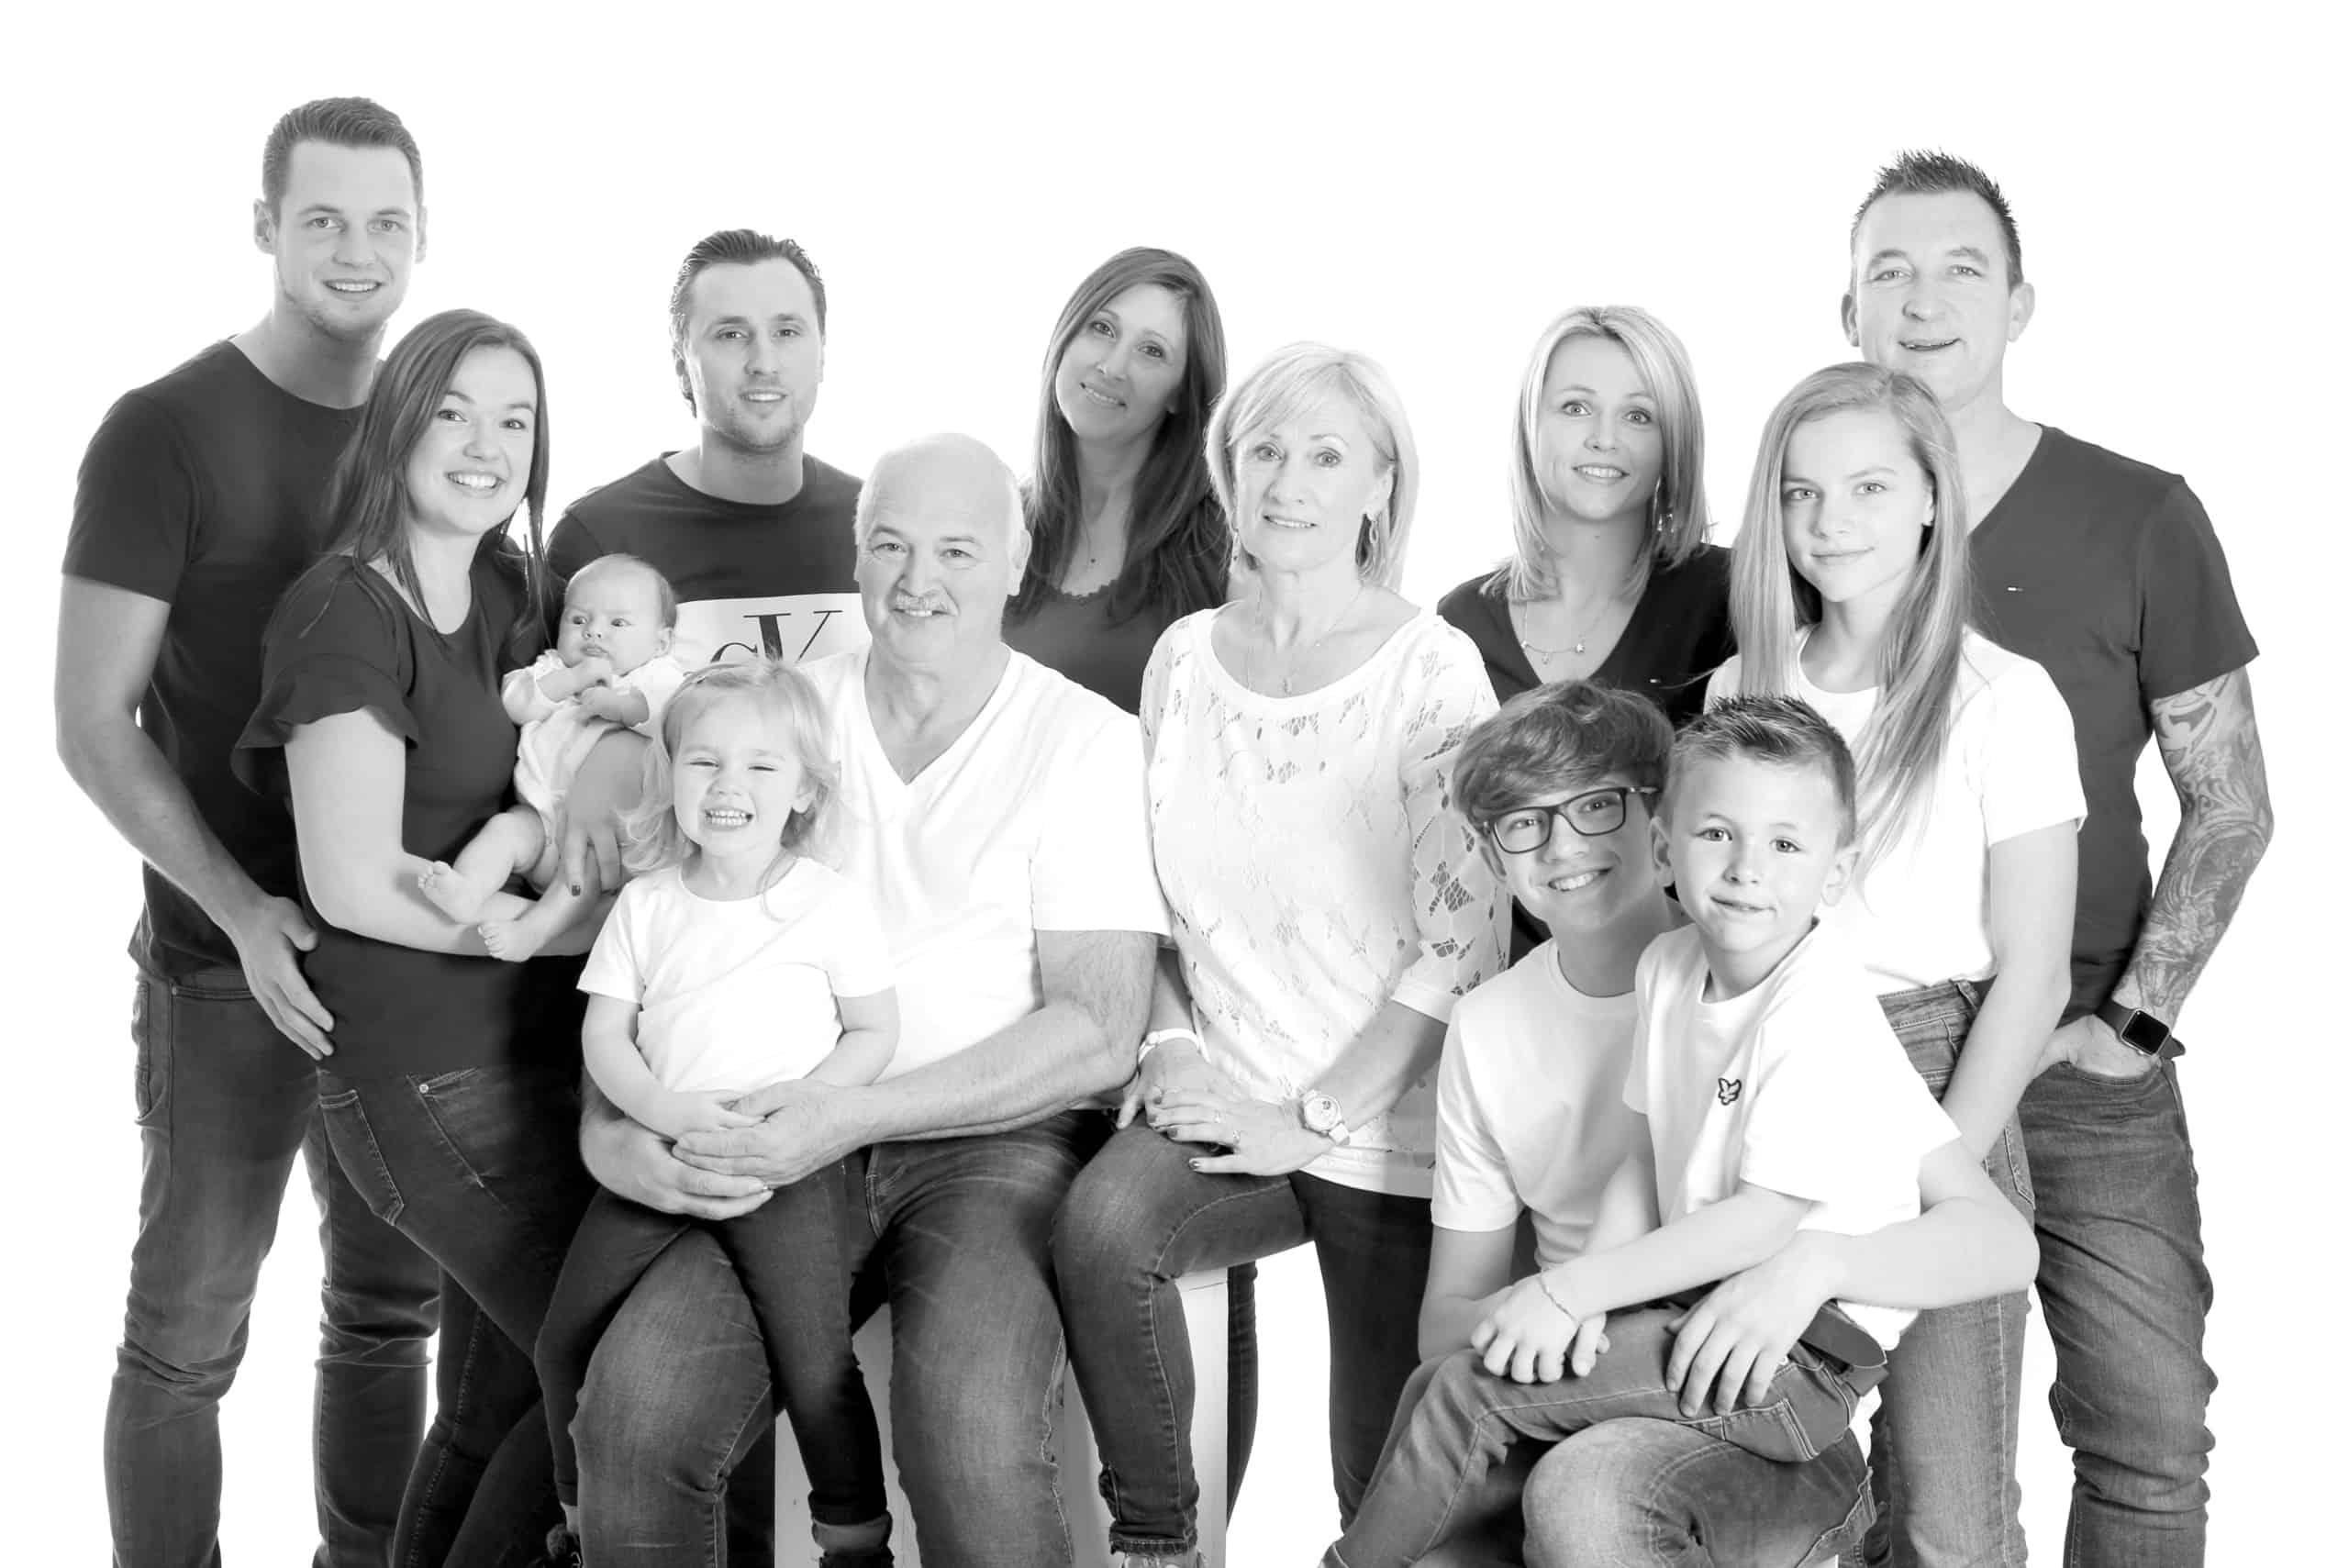 productfotografie zwart wit foto